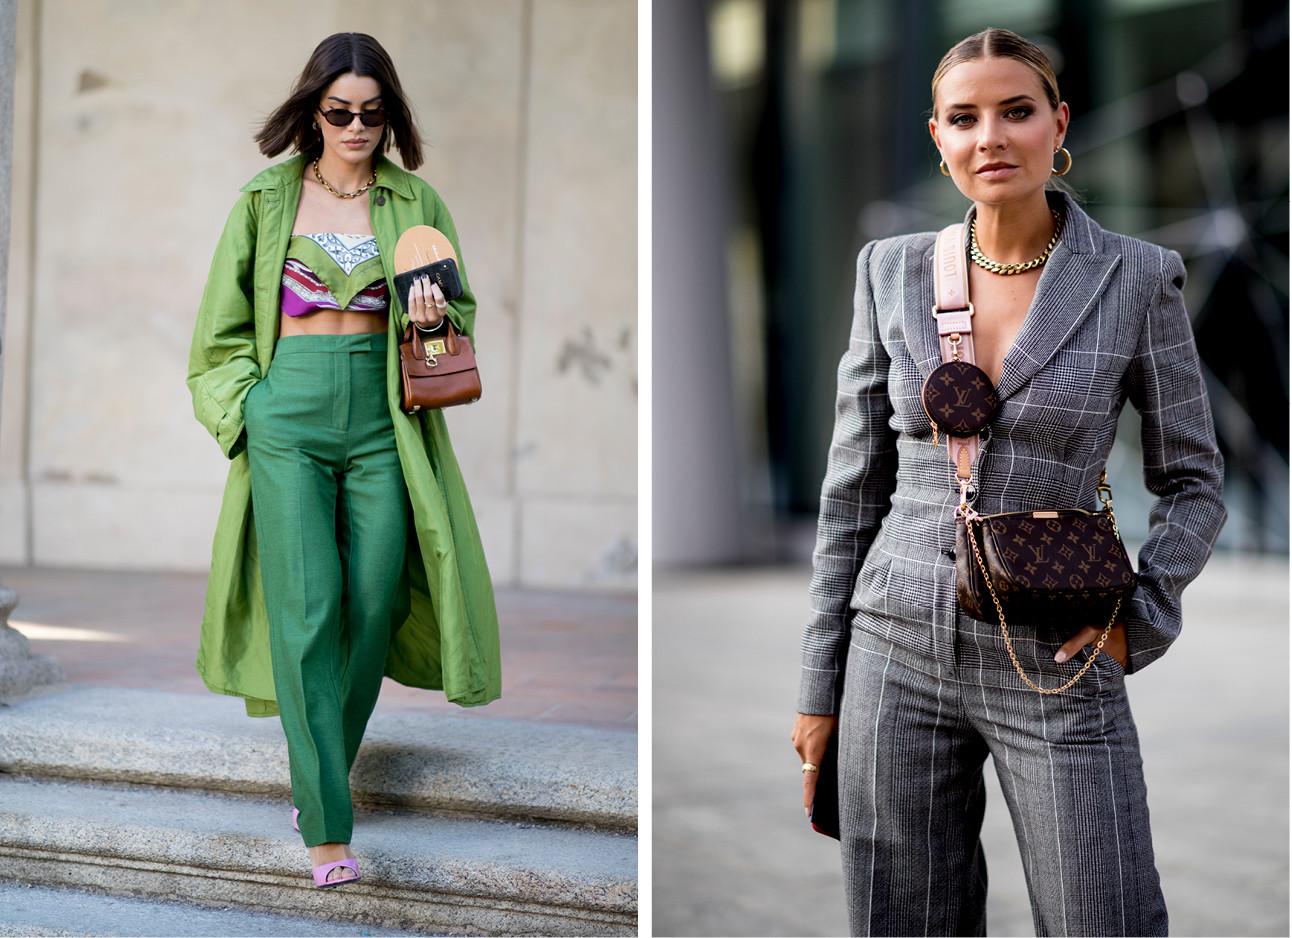 ene meisje die een groen pak draagt en de andere een grijs geruit pak met de nieuwe louis vuitton tas draagt